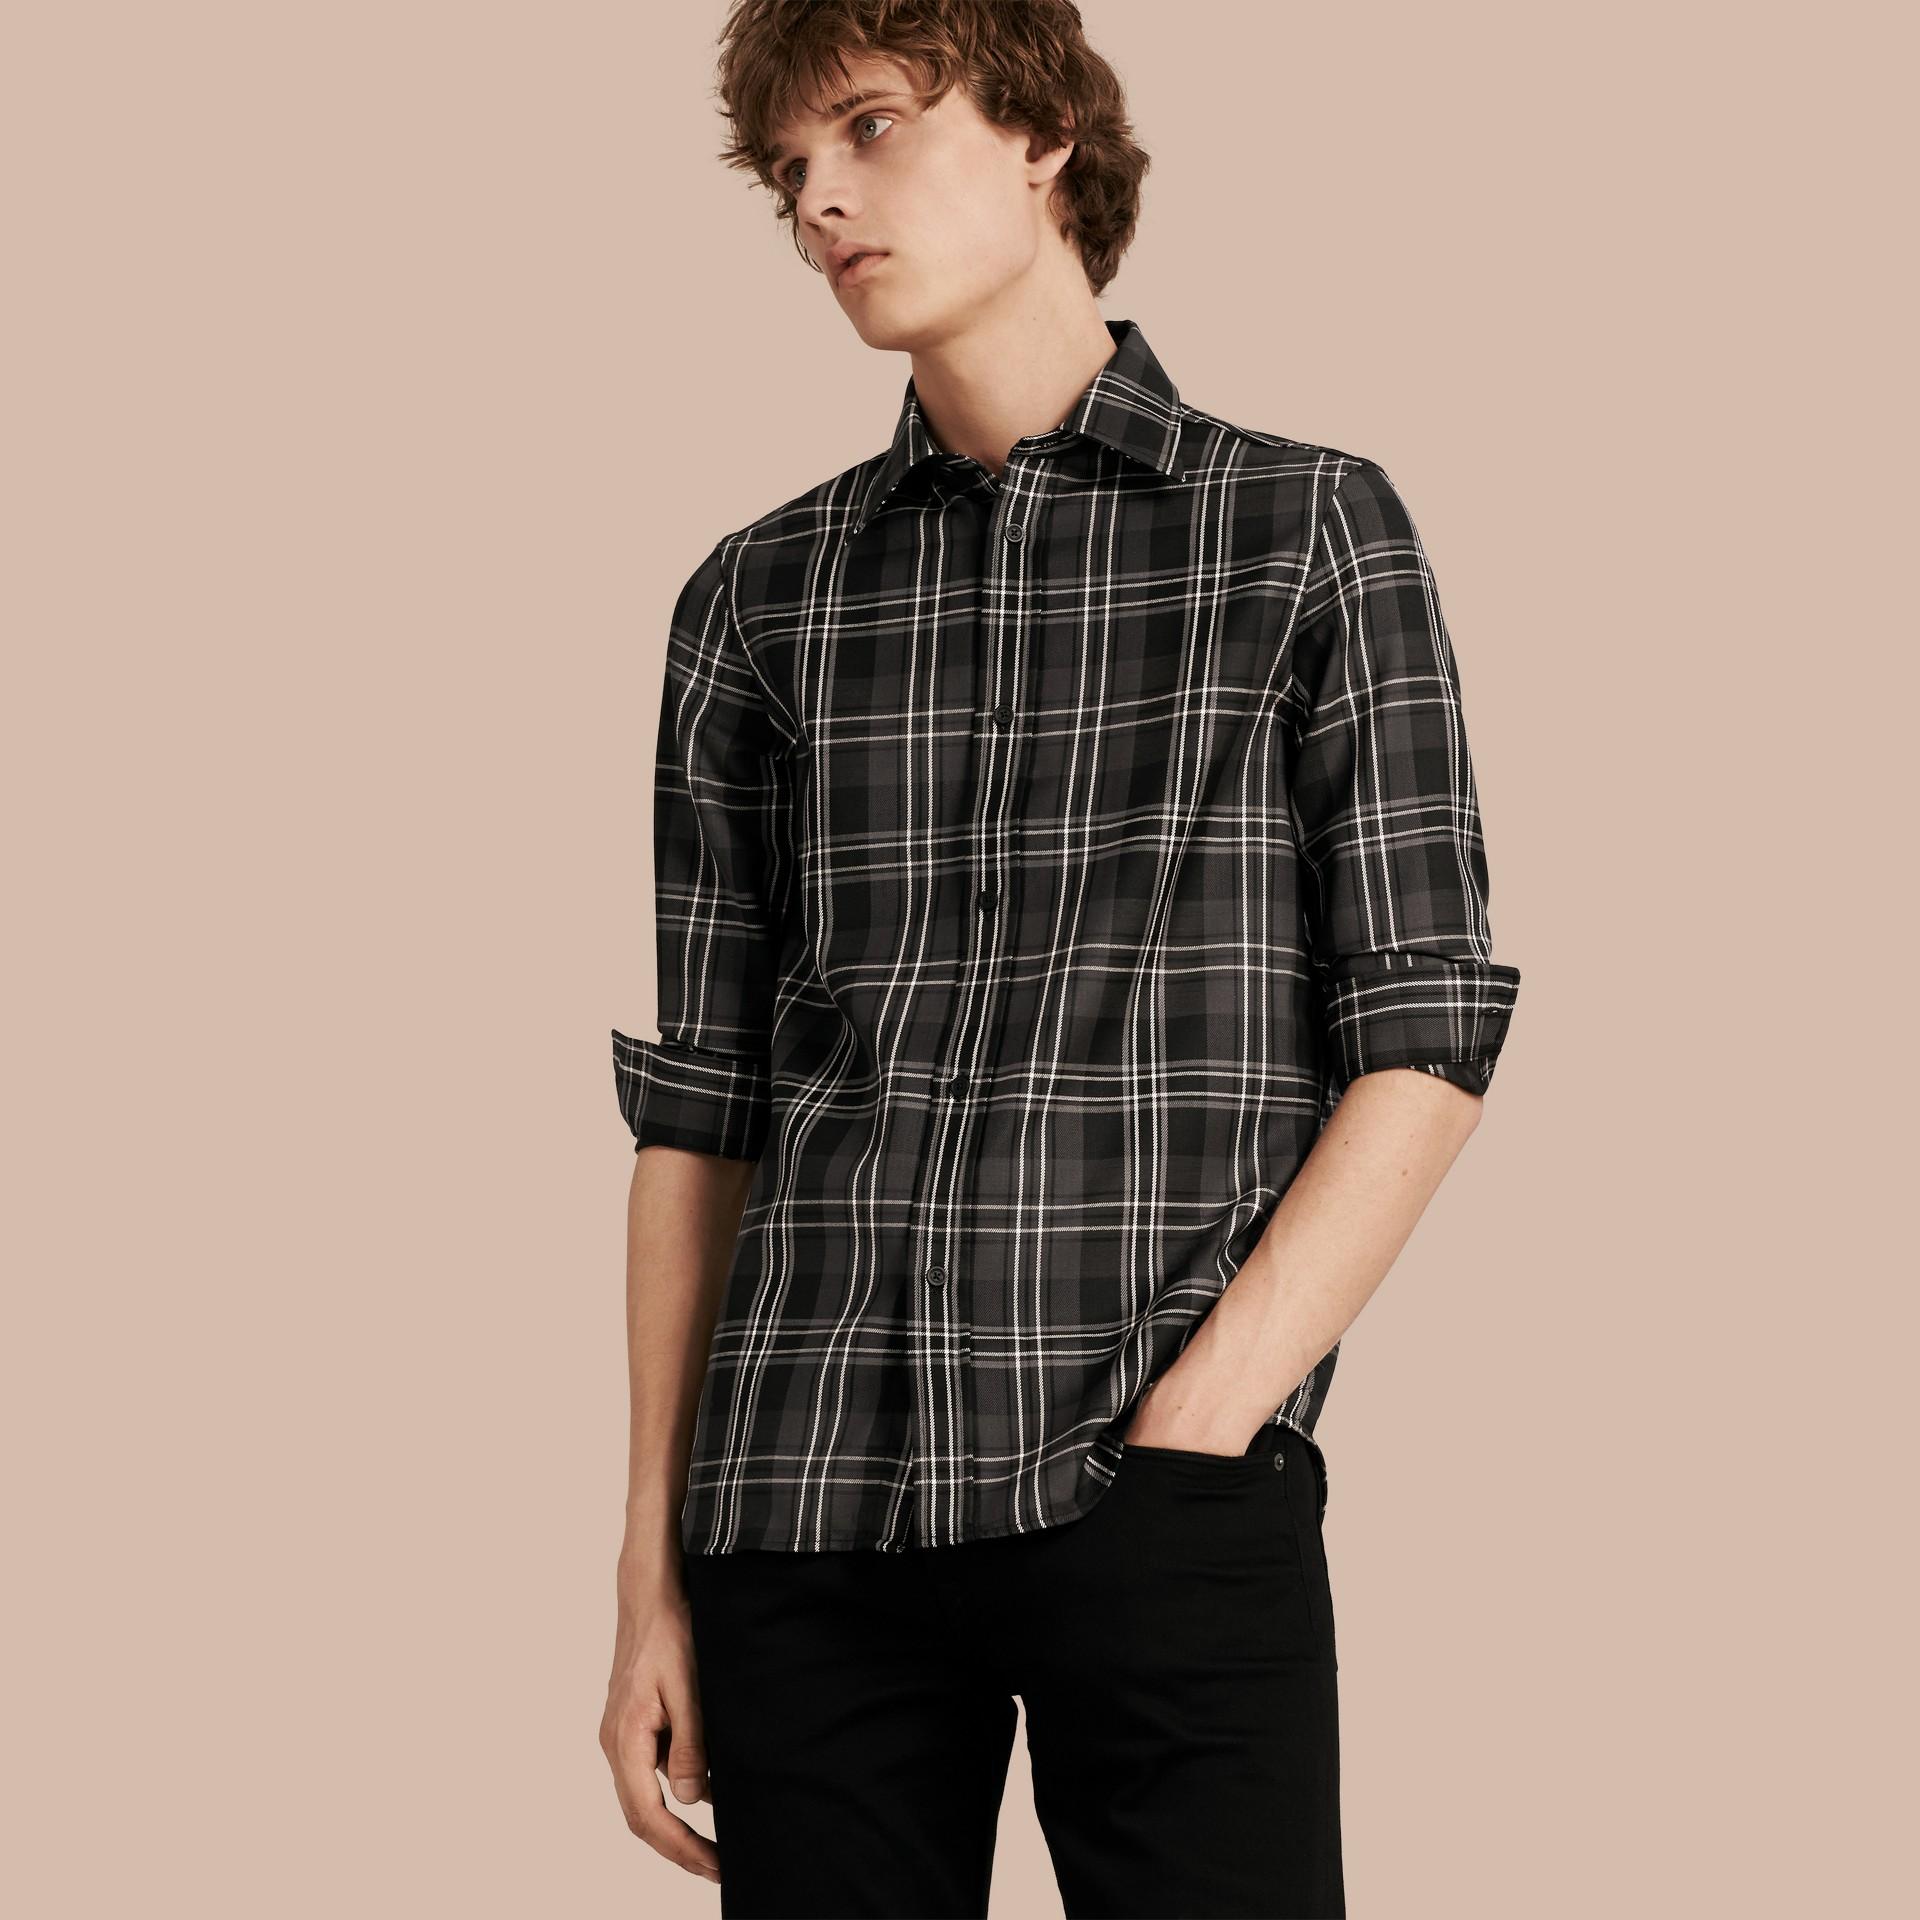 Noir Chemise en laine à motif check Noir - photo de la galerie 1